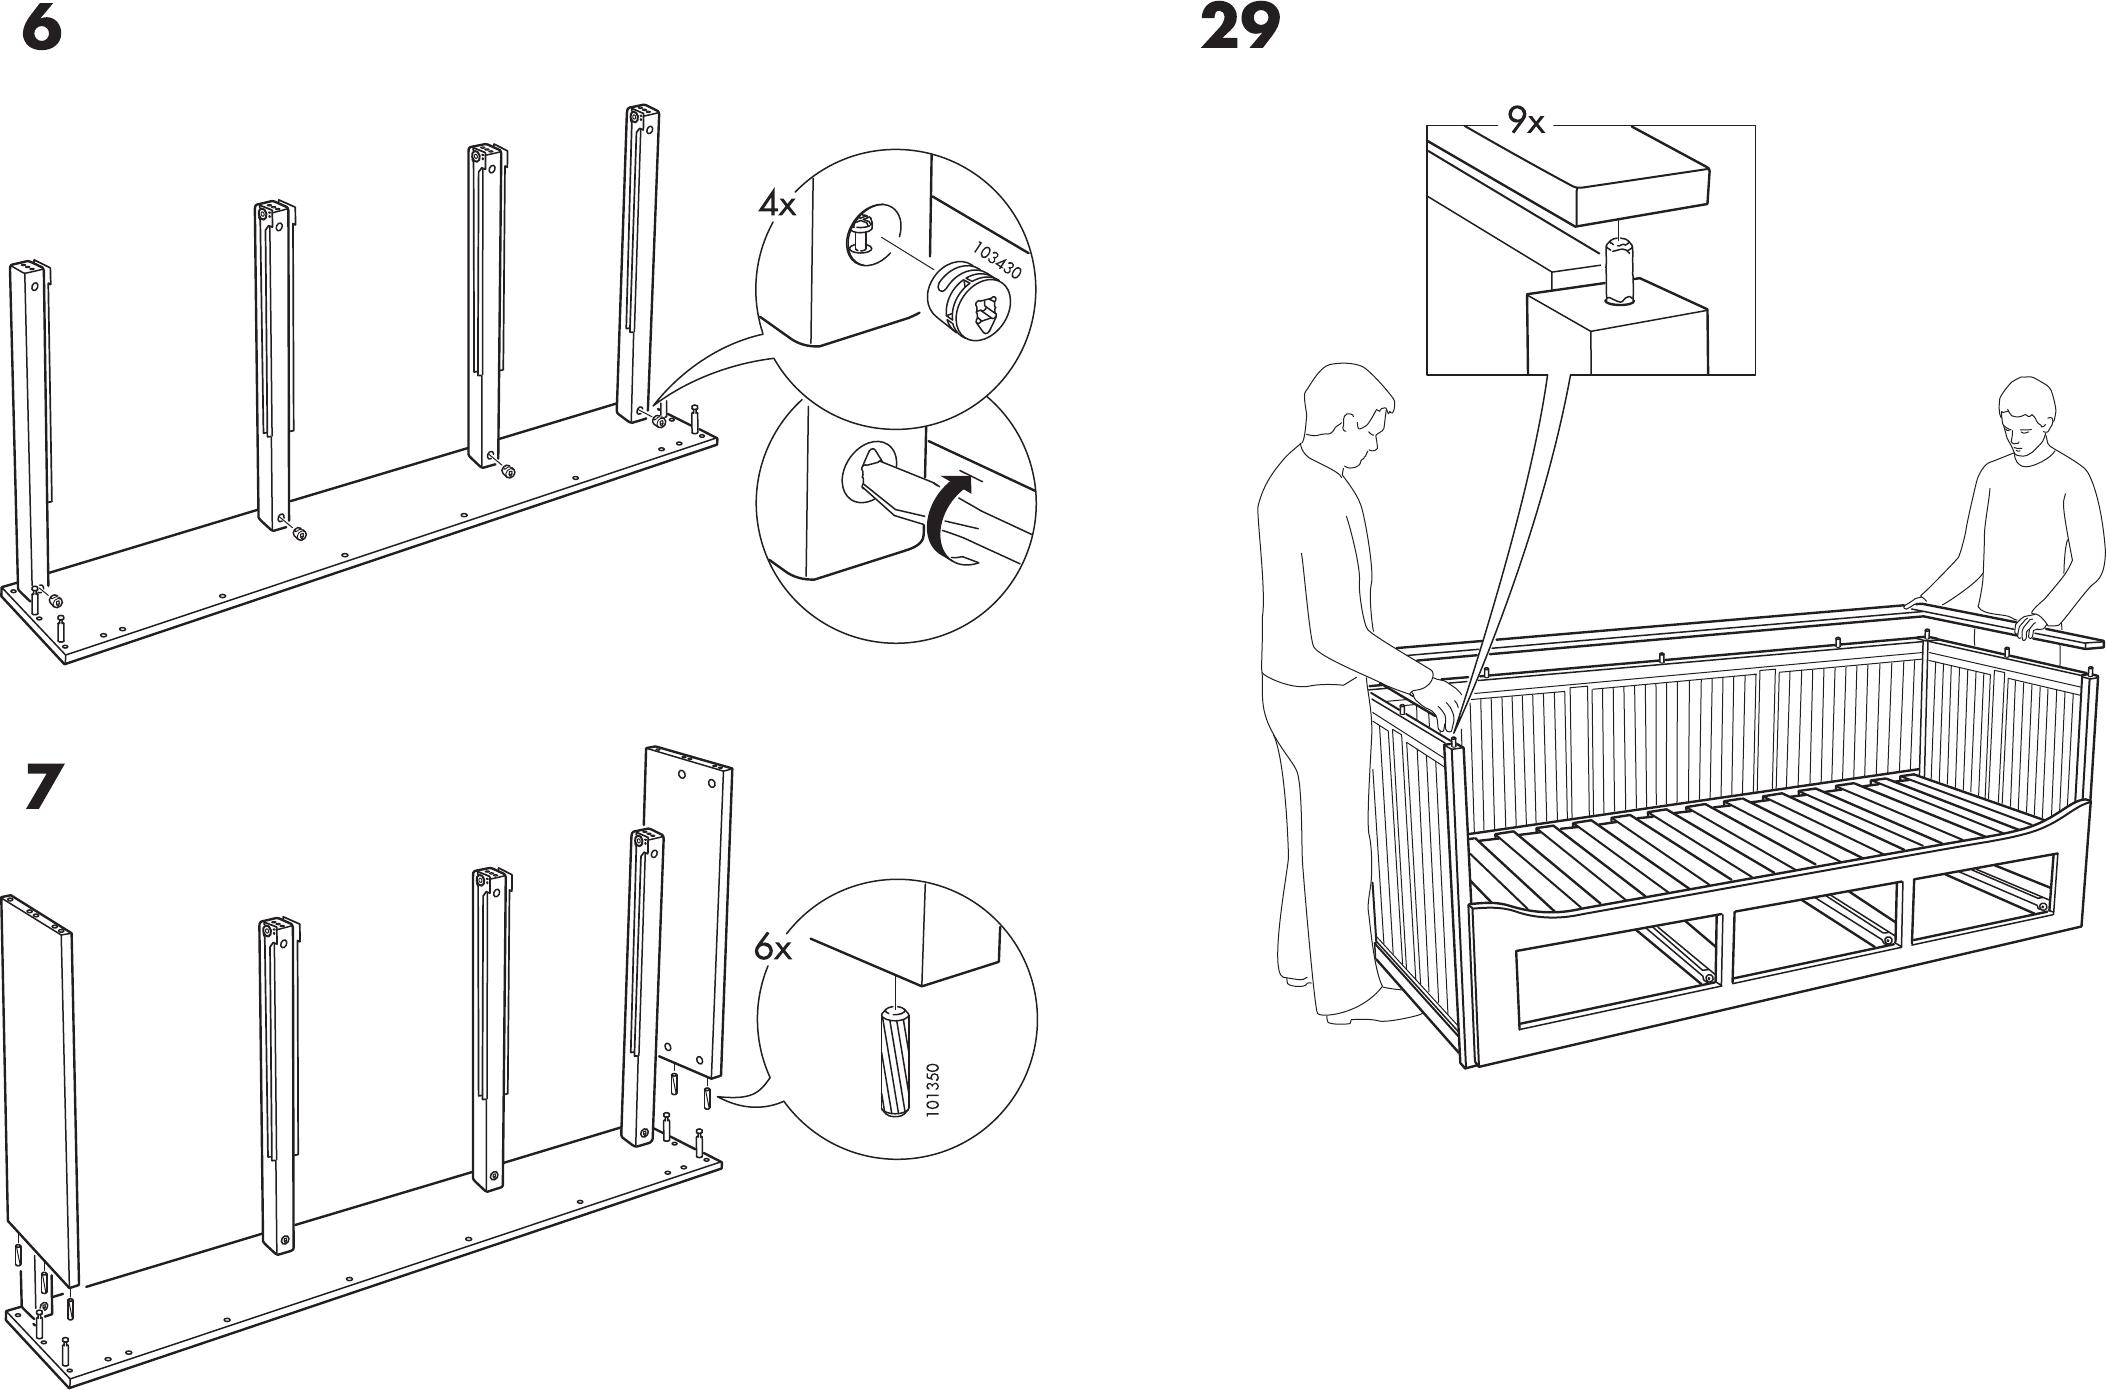 Hemnes Bedbank Ikea.Handleiding Ikea Hemnes Bedbank Pagina 6 Van 12 Dansk Deutsch